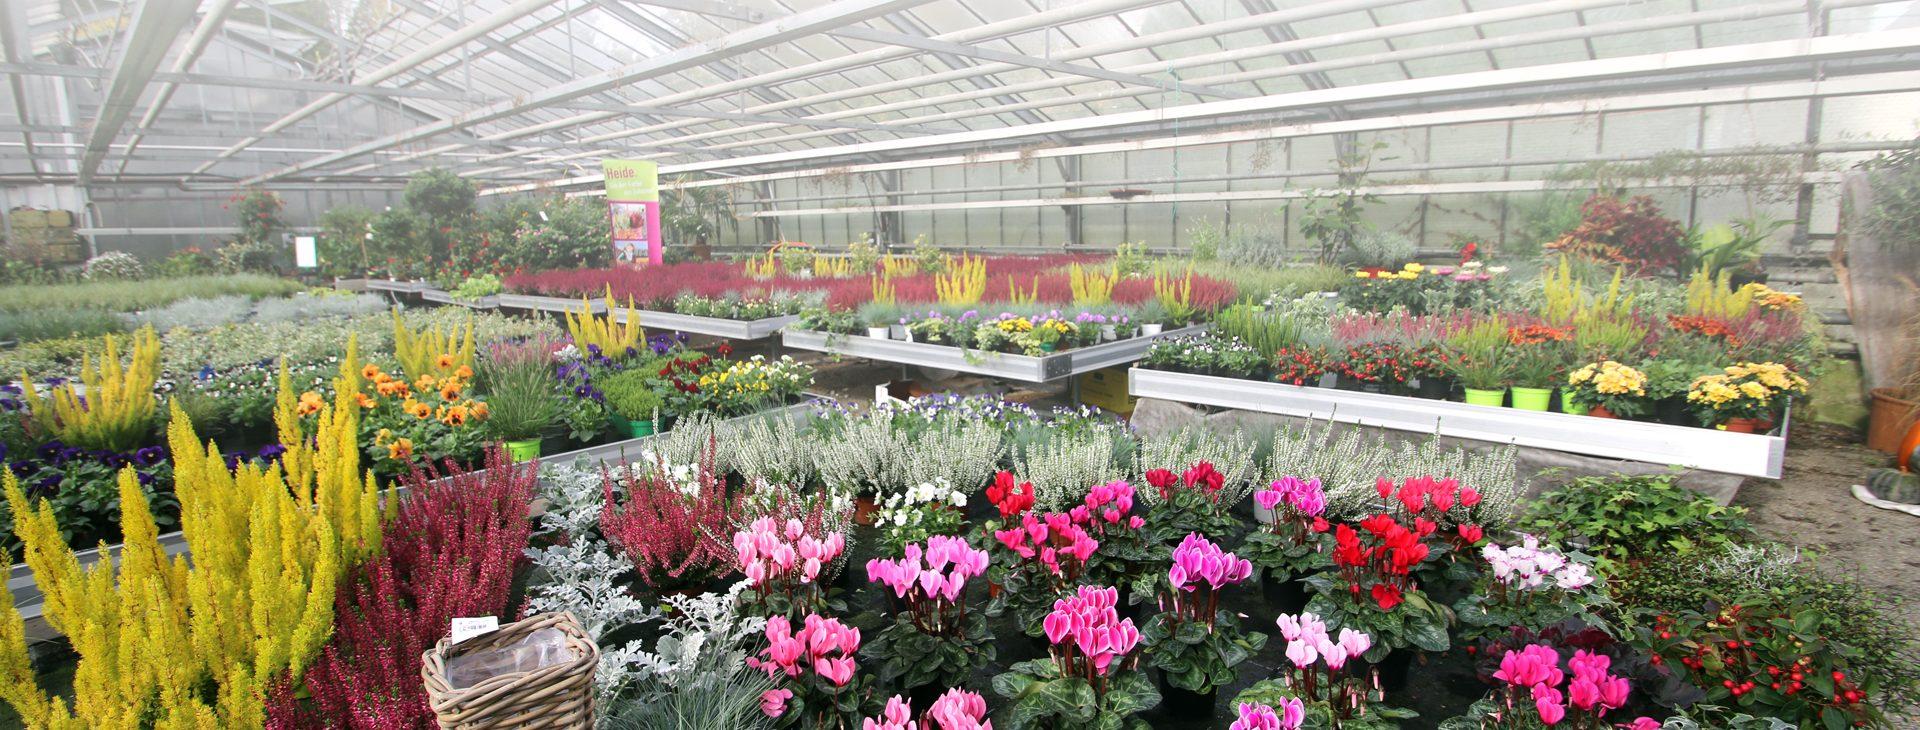 Willkommen in der Gärtnerei Blumen-Emmerich!